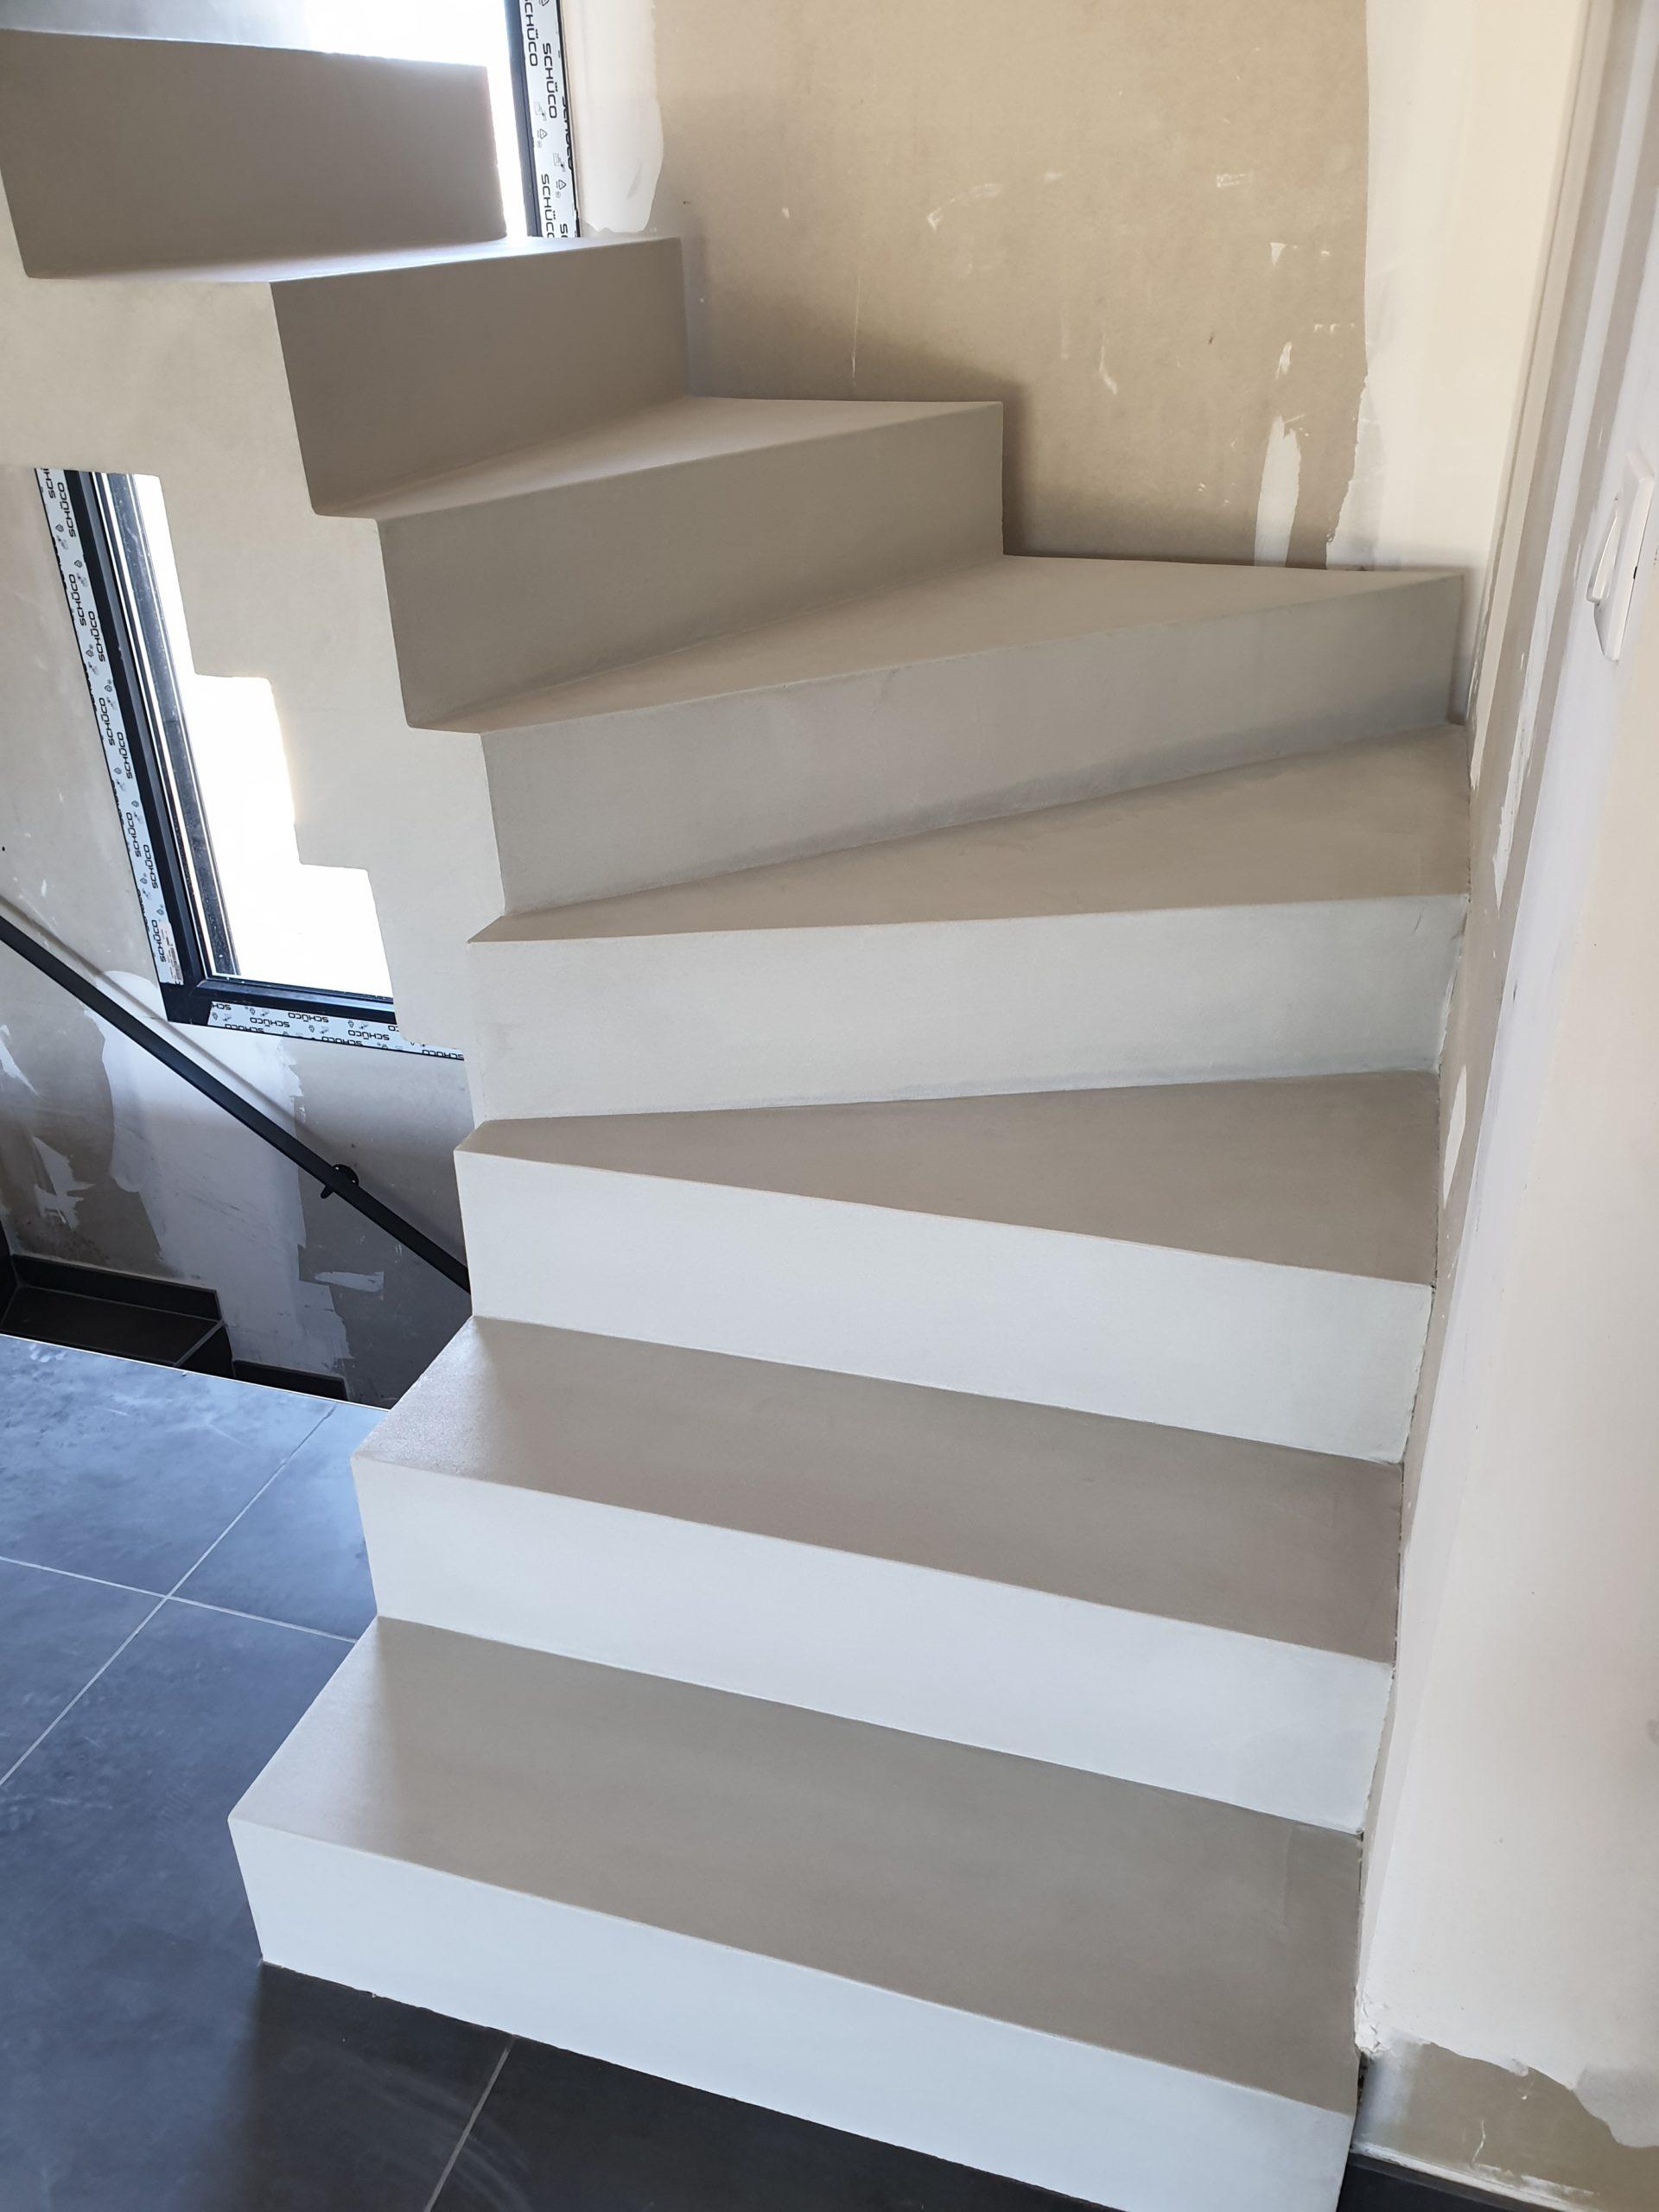 L'ensemble de l'escalier est recouvert d'un béton ciré de couleur poivre blanc qui est un gris clair très apprécié